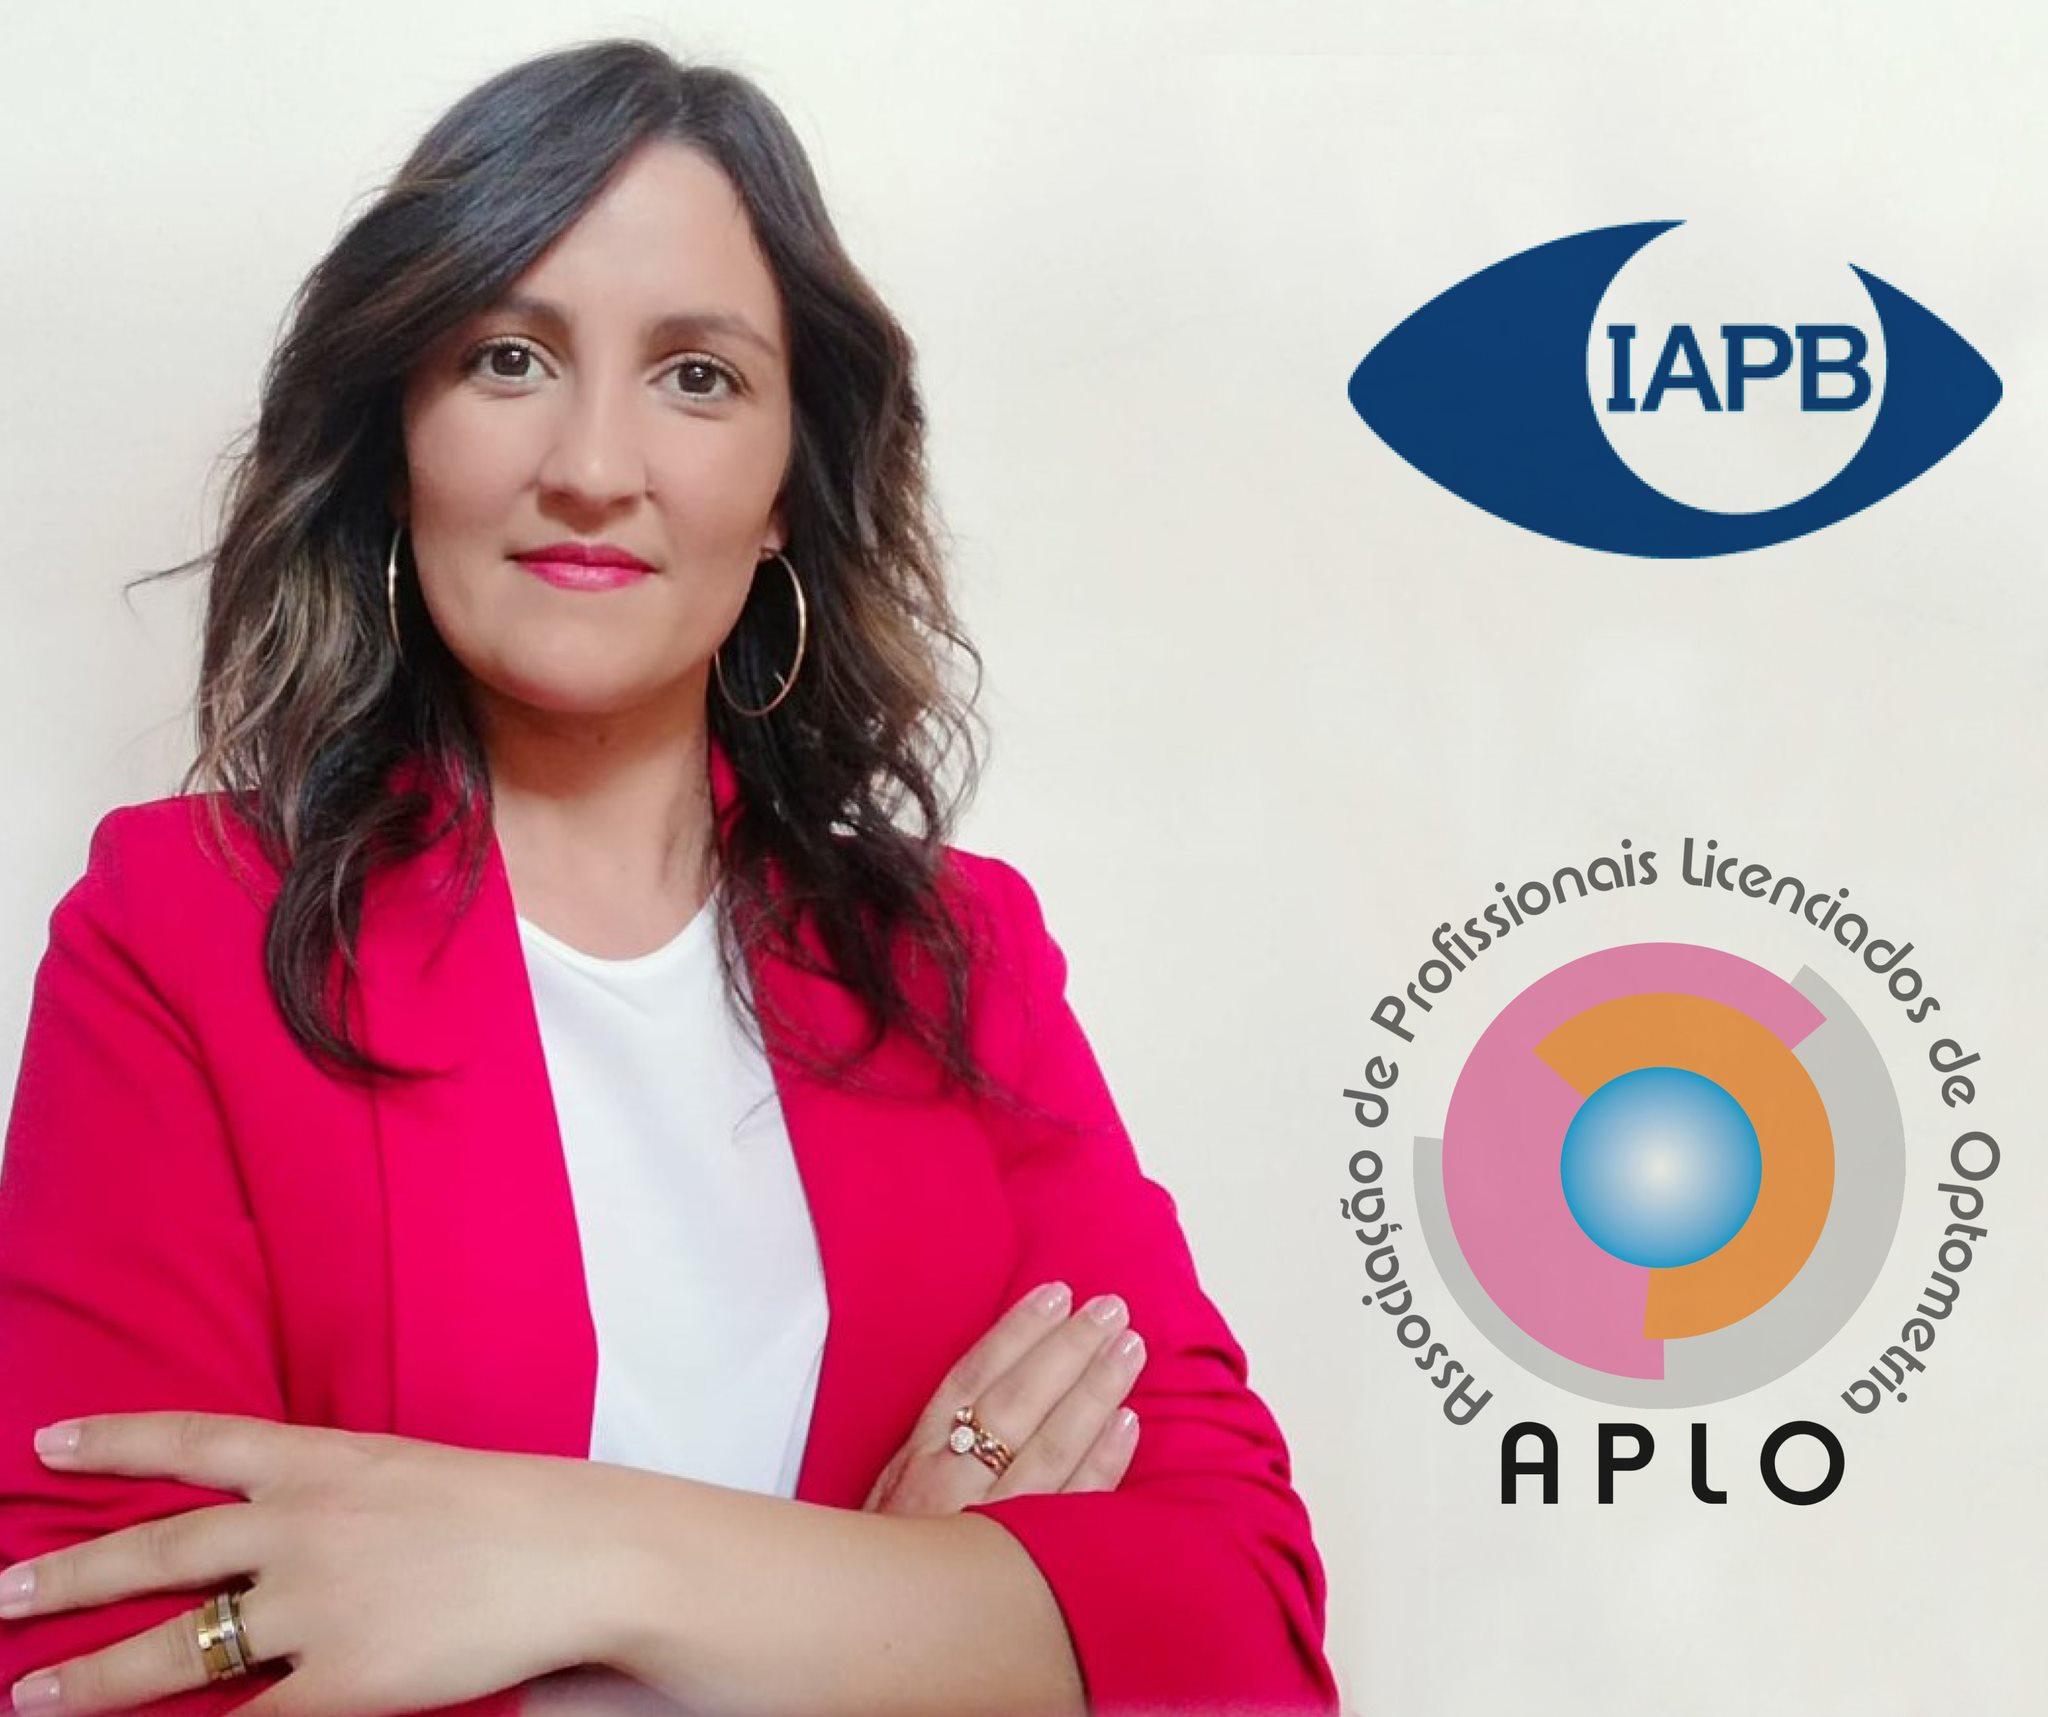 Imagem da notícia: Optometrista portuguesa ganha prémio da IAPB